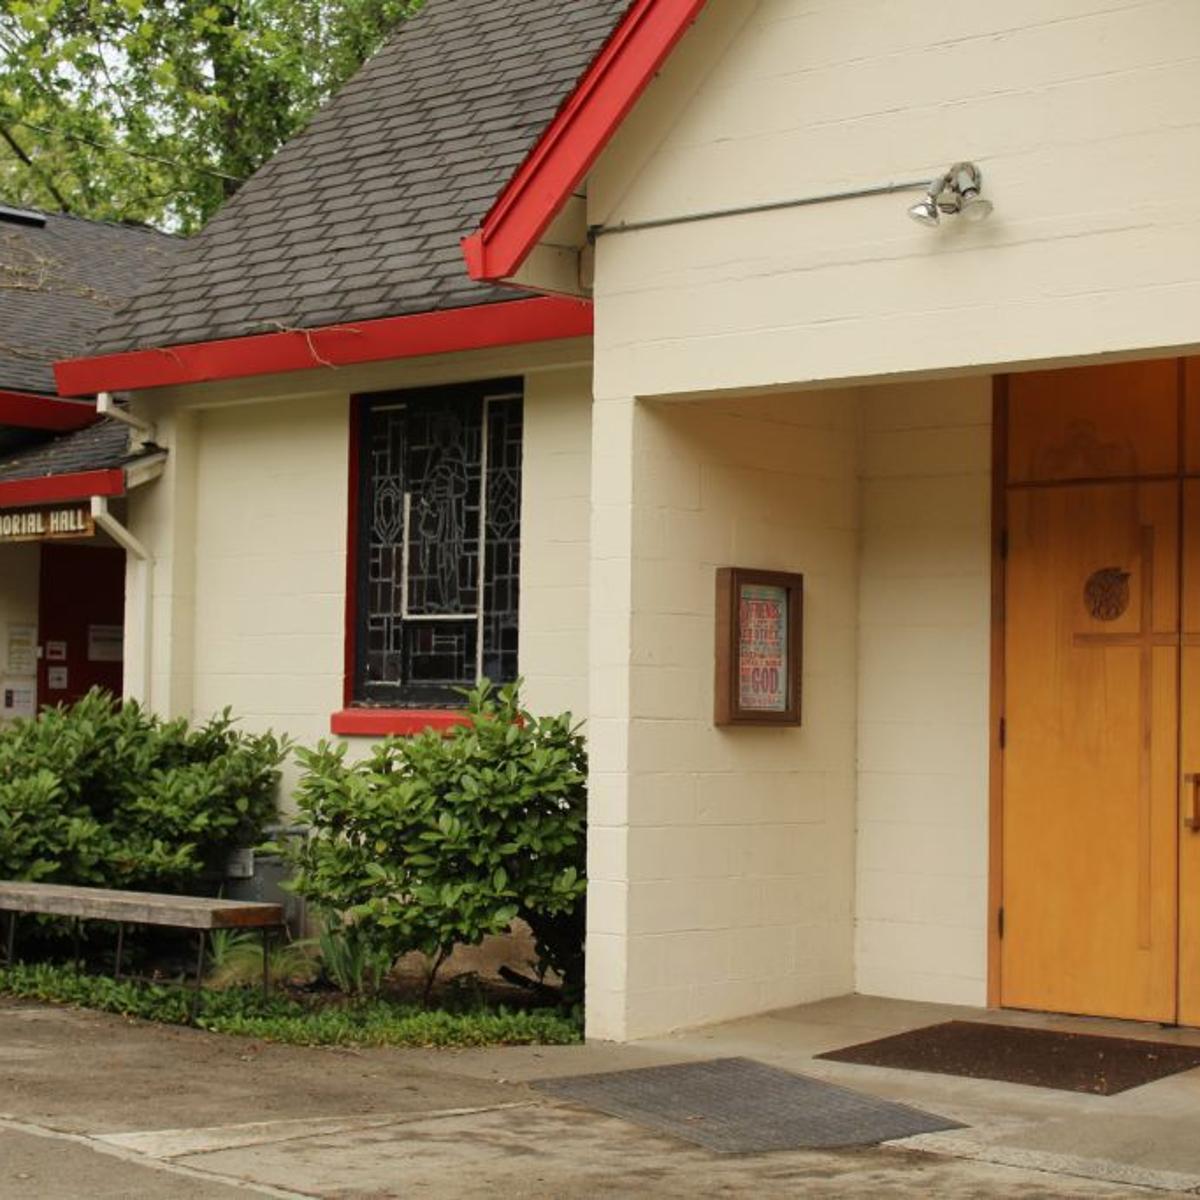 Calistoga church plans 'Tag Sale' on Aug  24   Lifestyles